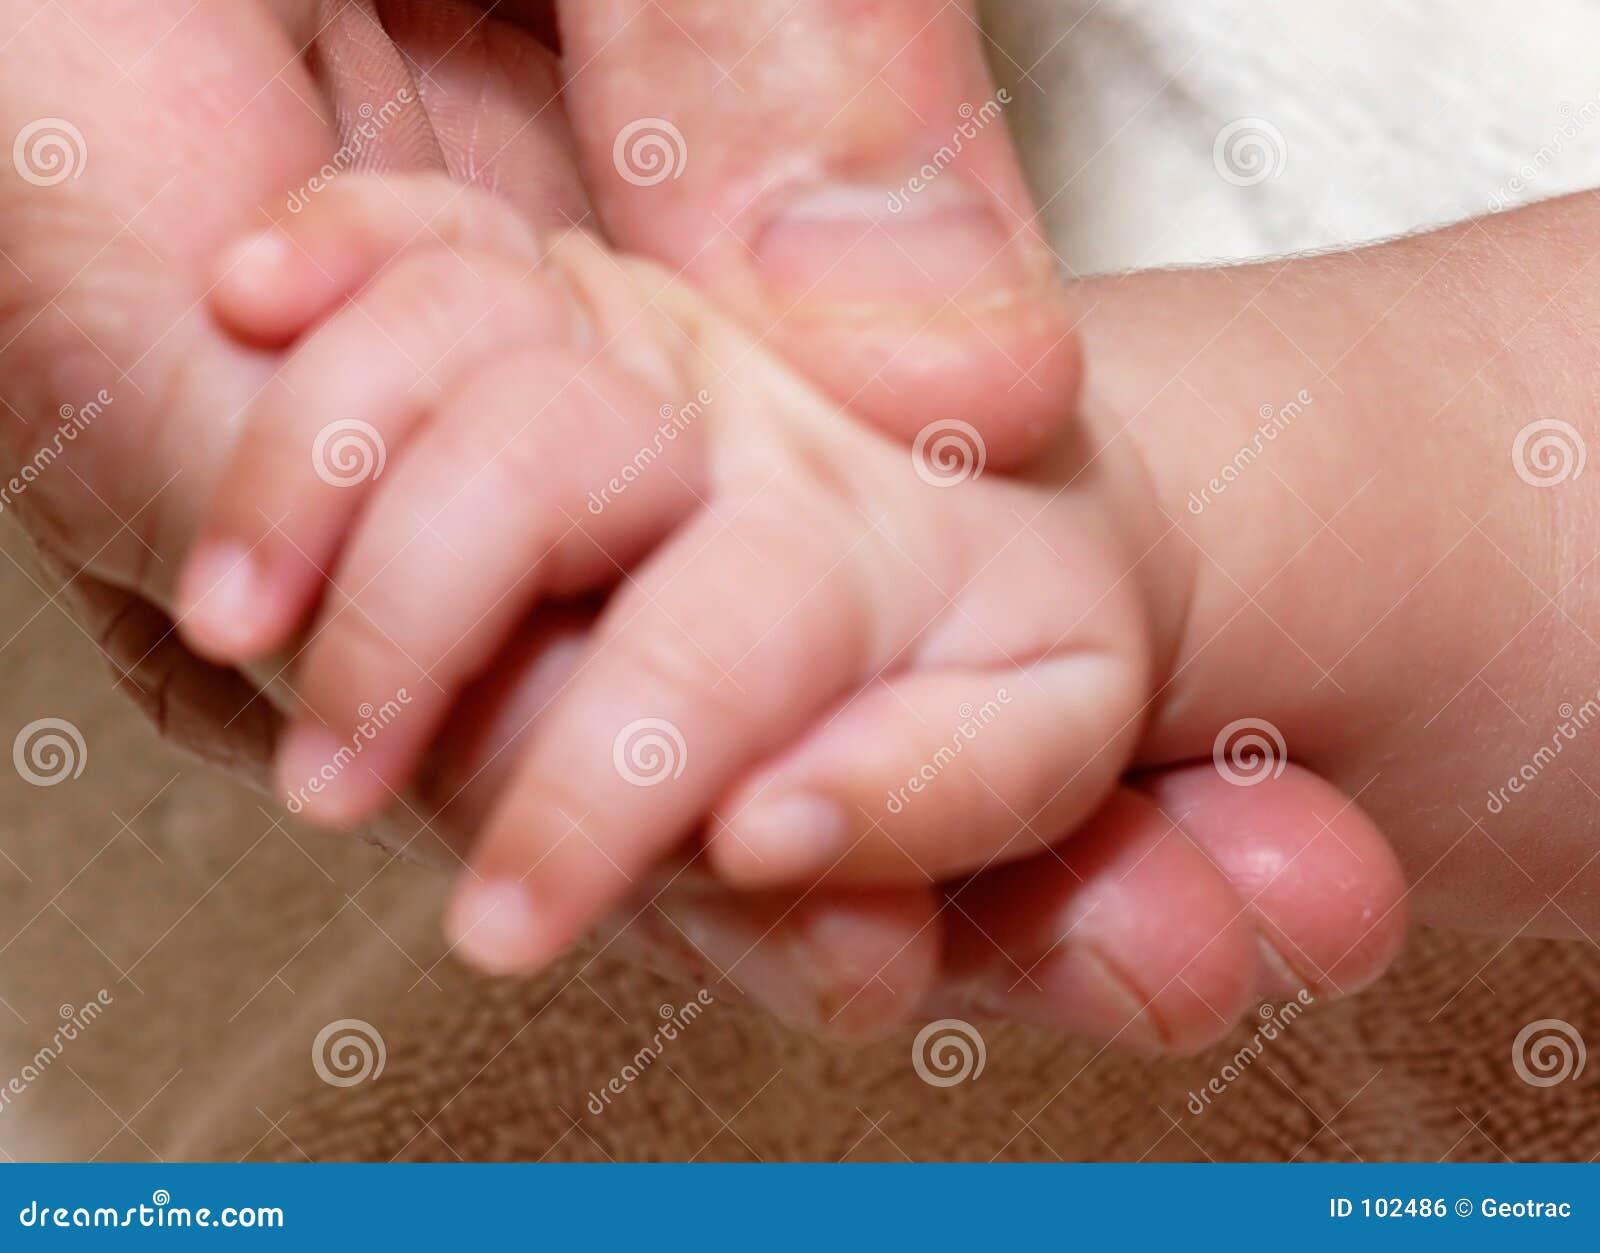 Equipa a mão do bebê da terra arrendada da mão